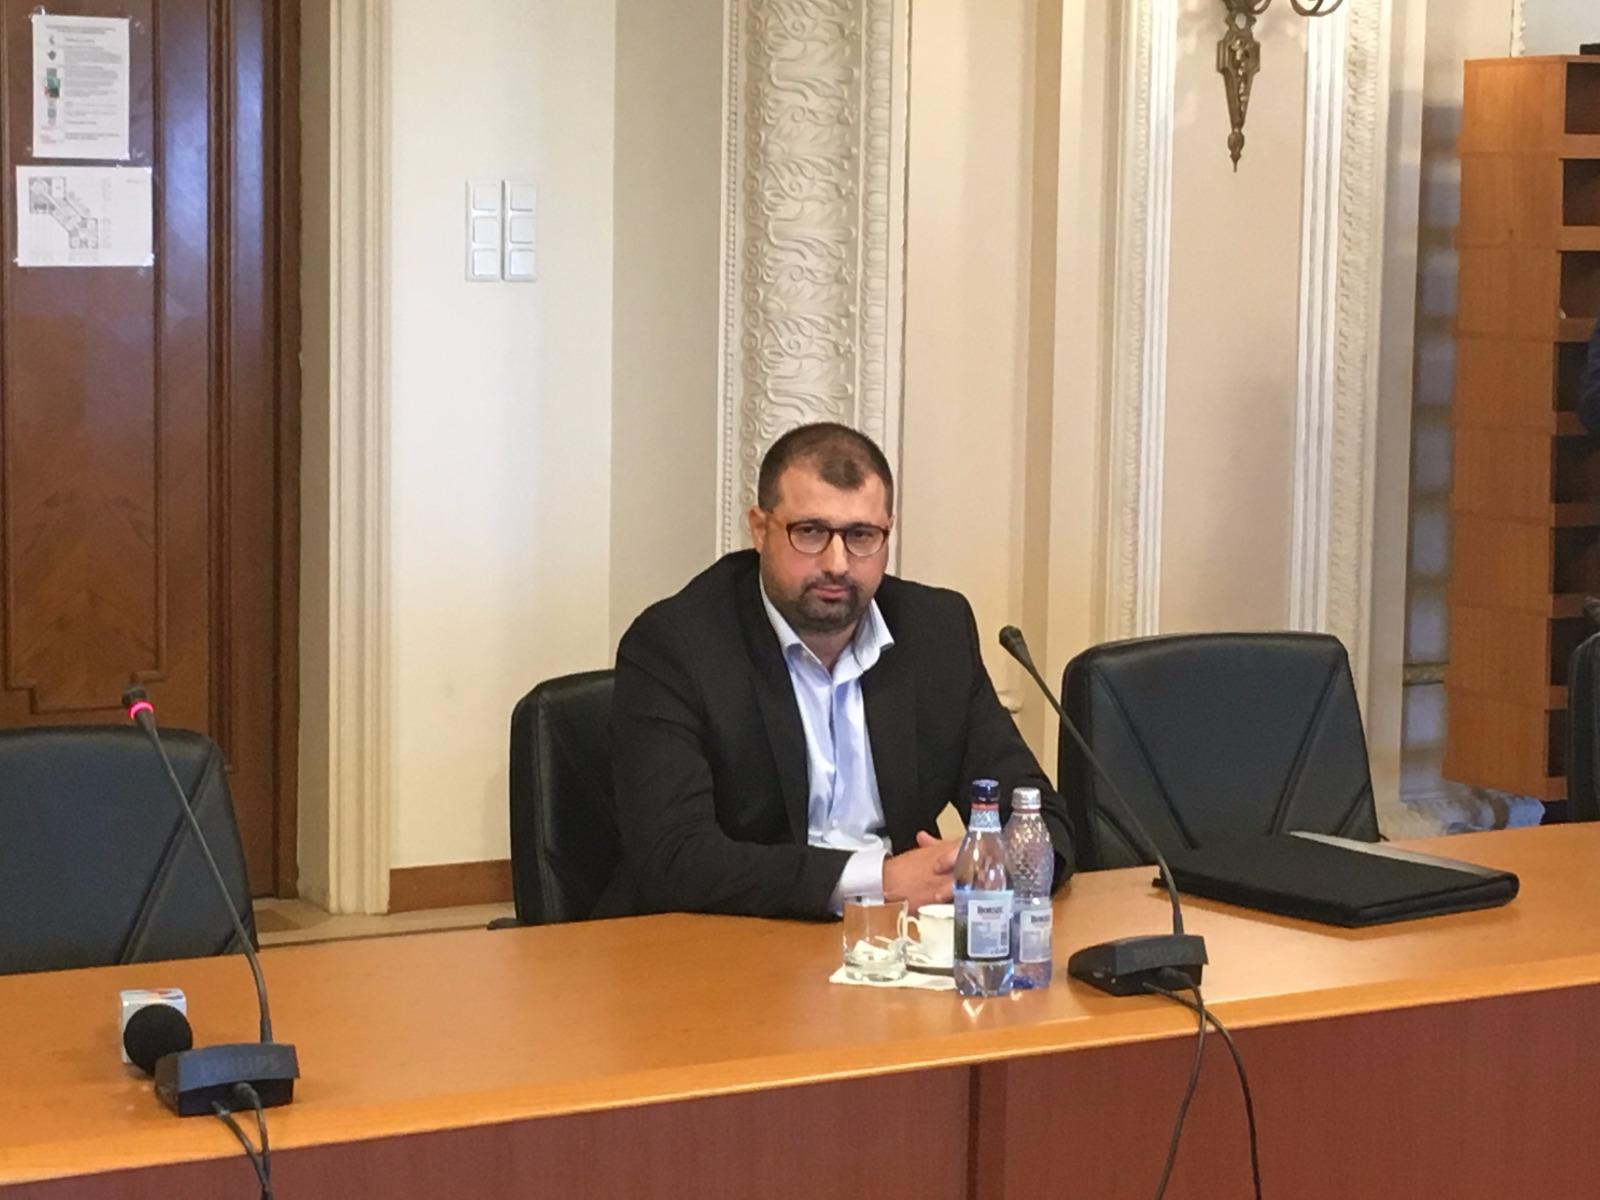 Purtătorul de cuvânt al SRI, Ovidiu Marincea, replică la acuzaţiile fostului ofiţer Daniel Dragomir: SRI nu are firme acoperite. Va veni vremea când toţi vor fi obligaţi să prezinte dovezi